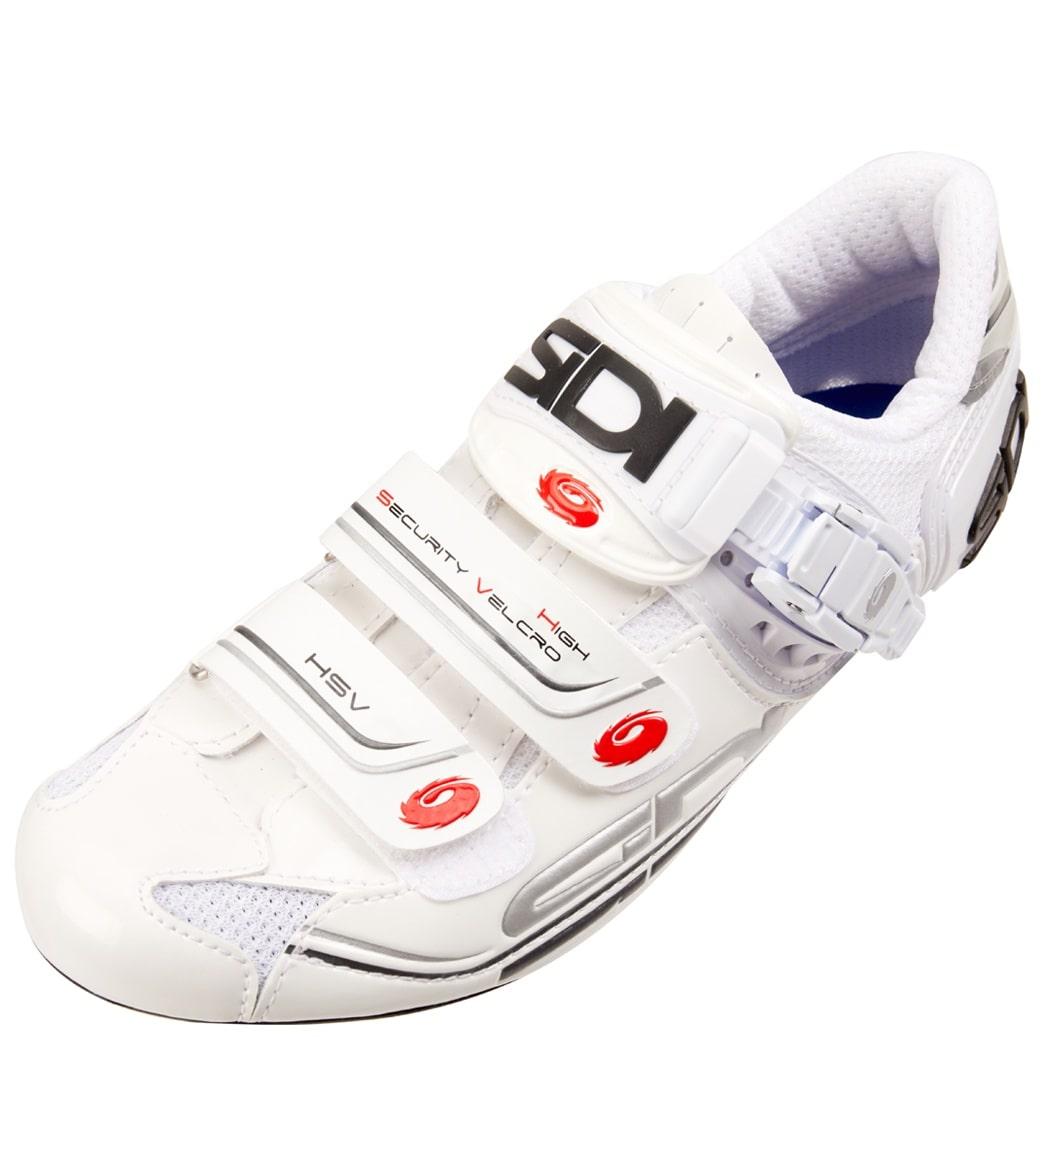 40f15346b8577 SIDI Women's Genius 7 Cycling Shoe at SwimOutlet.com - Free Shipping